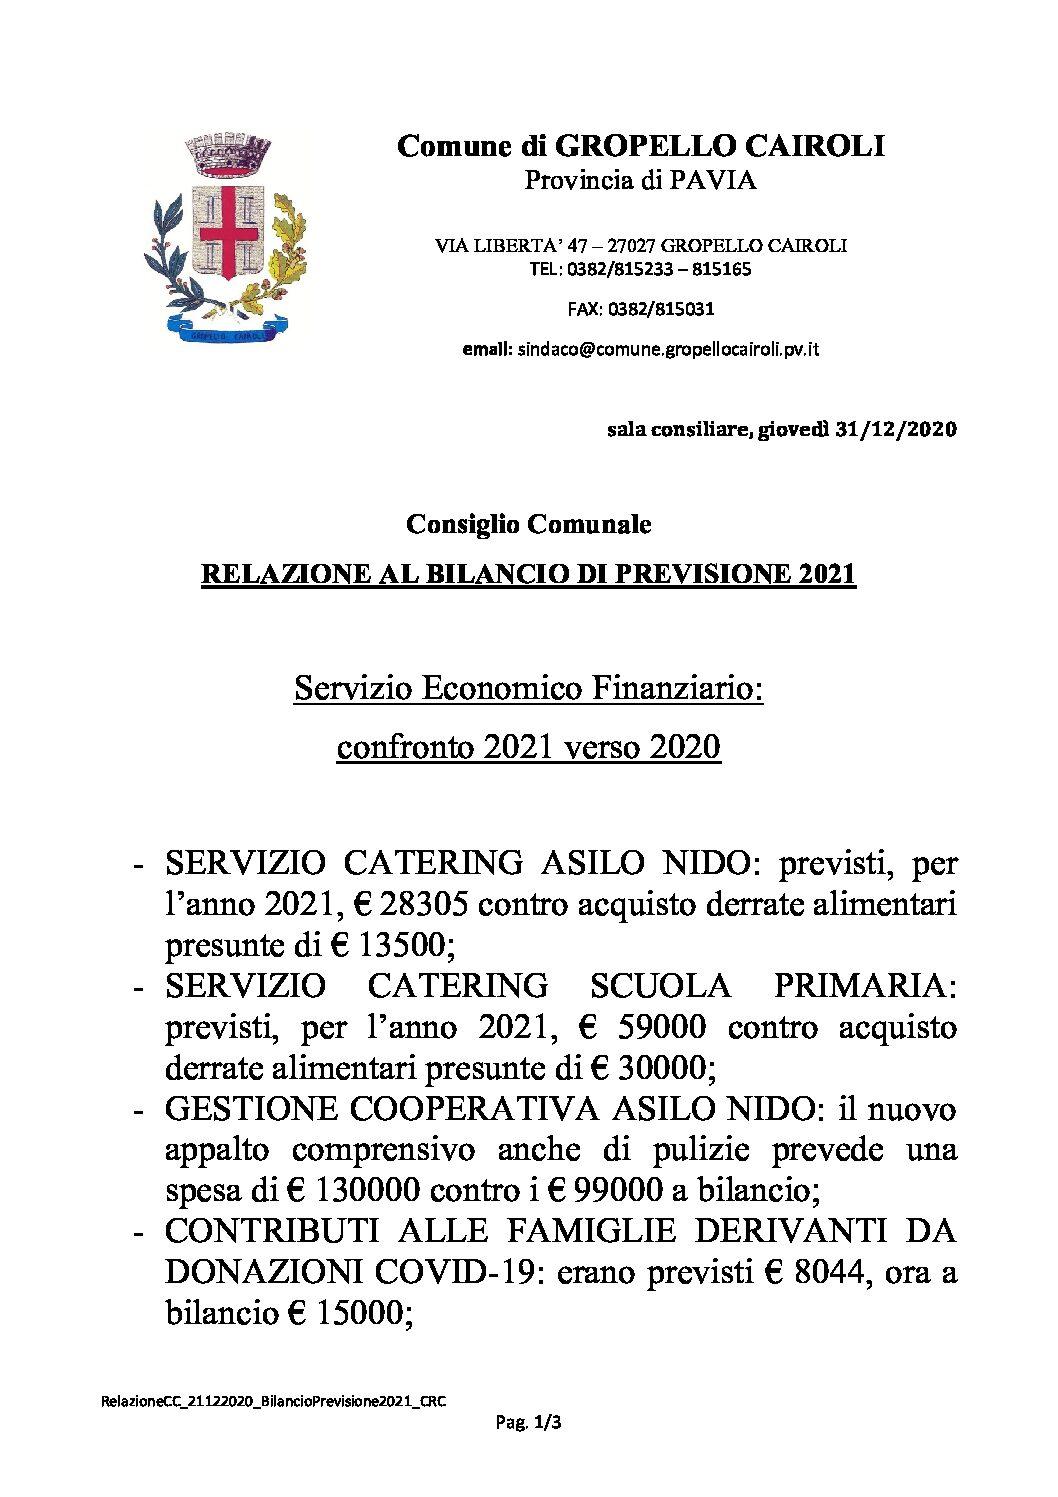 CONSIGLIO COMUNALE: RELAZIONE AL BILANCIO DI PREVISIONE 2021